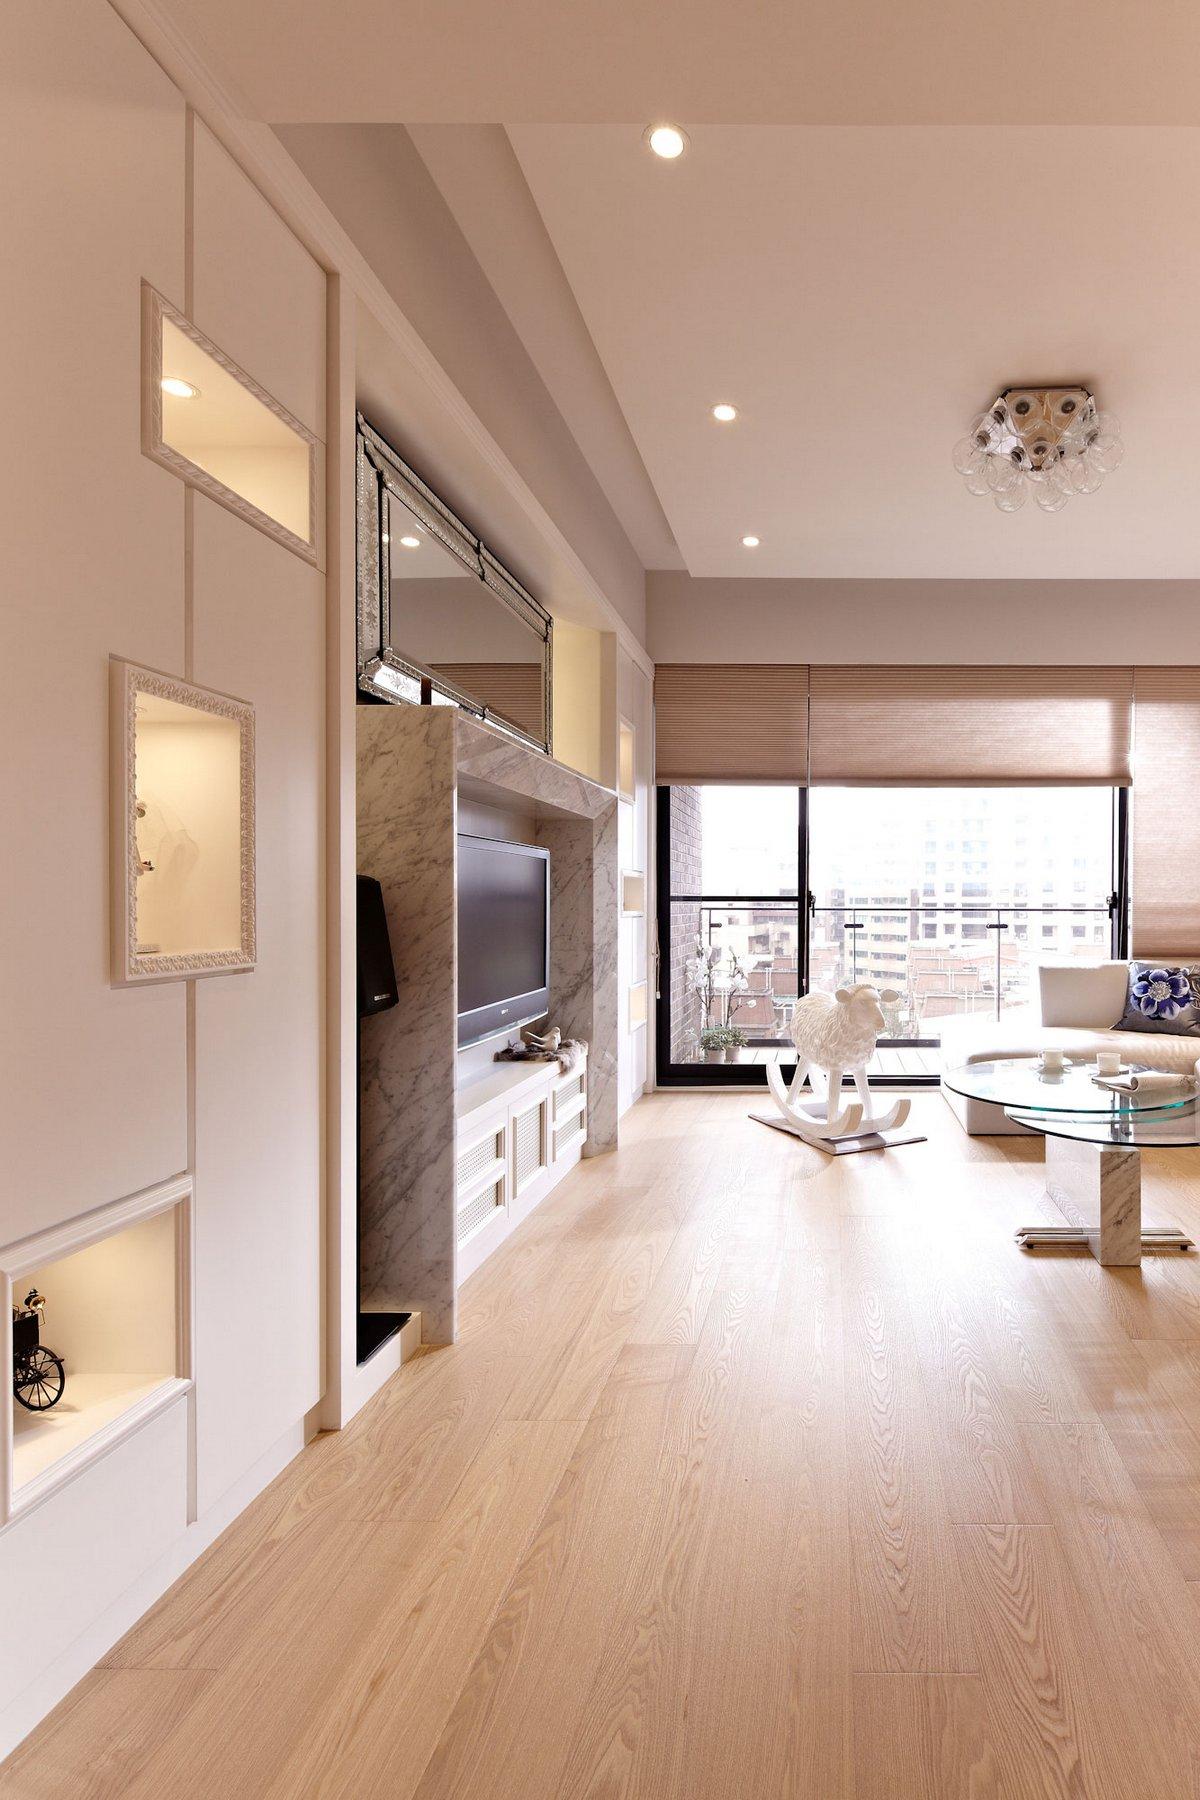 Studio Alfonso Ideas, Lover of White, Тайбэй, Тайвань, светлый интерьер квартиры фото, проекты современных квартир, дизайн интерьера квартиры фото